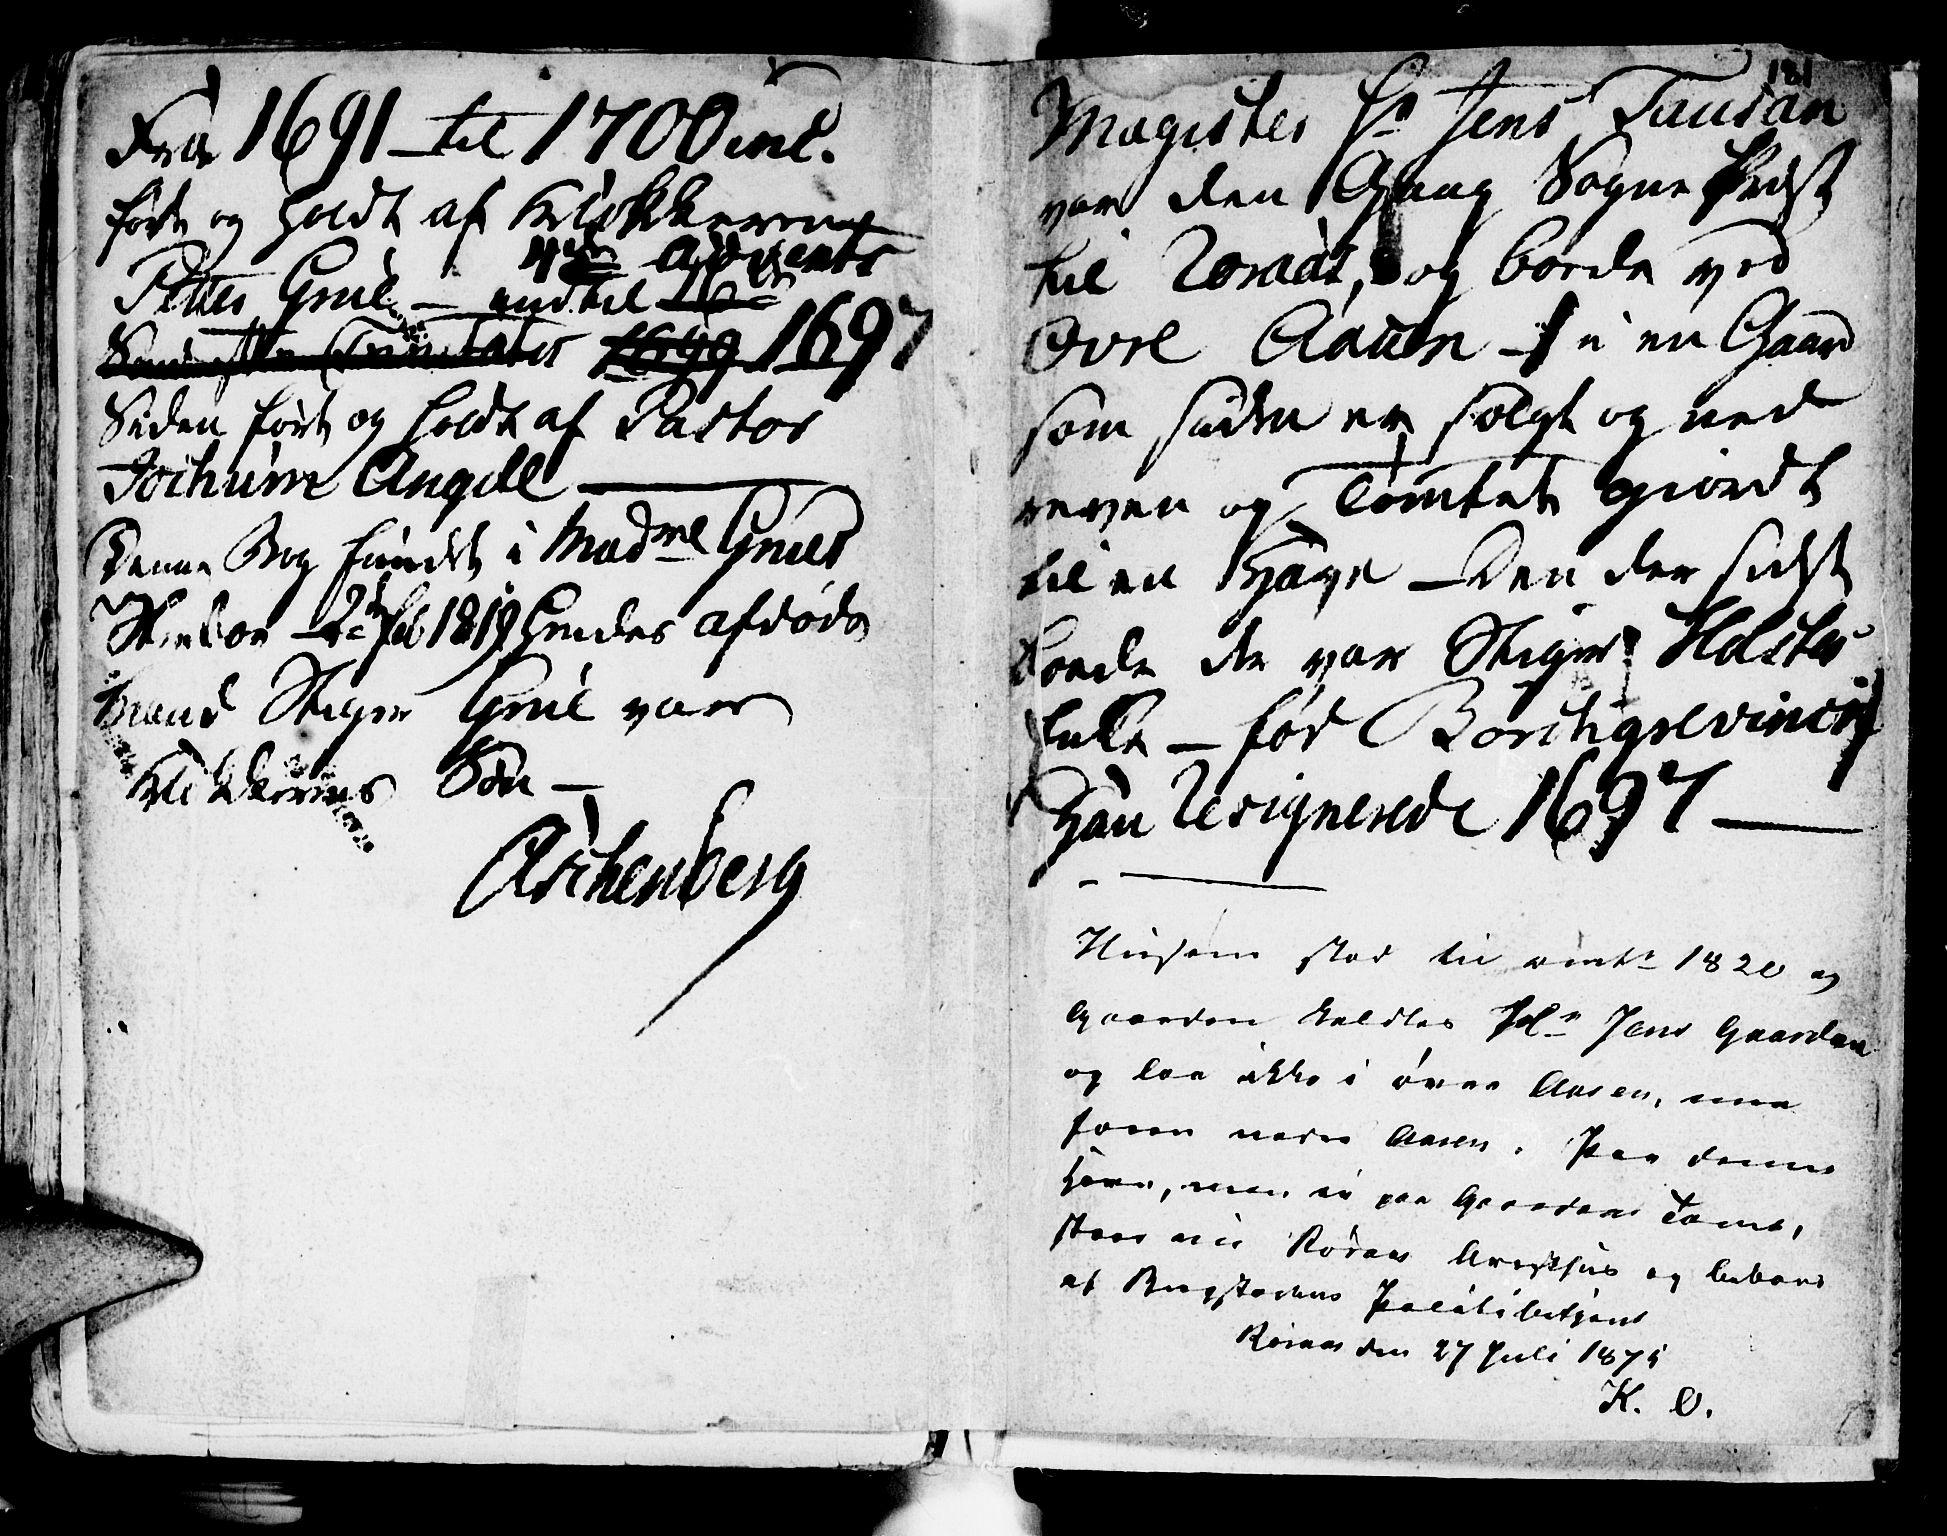 SAT, Ministerialprotokoller, klokkerbøker og fødselsregistre - Sør-Trøndelag, 681/L0923: Ministerialbok nr. 681A01, 1691-1700, s. 181